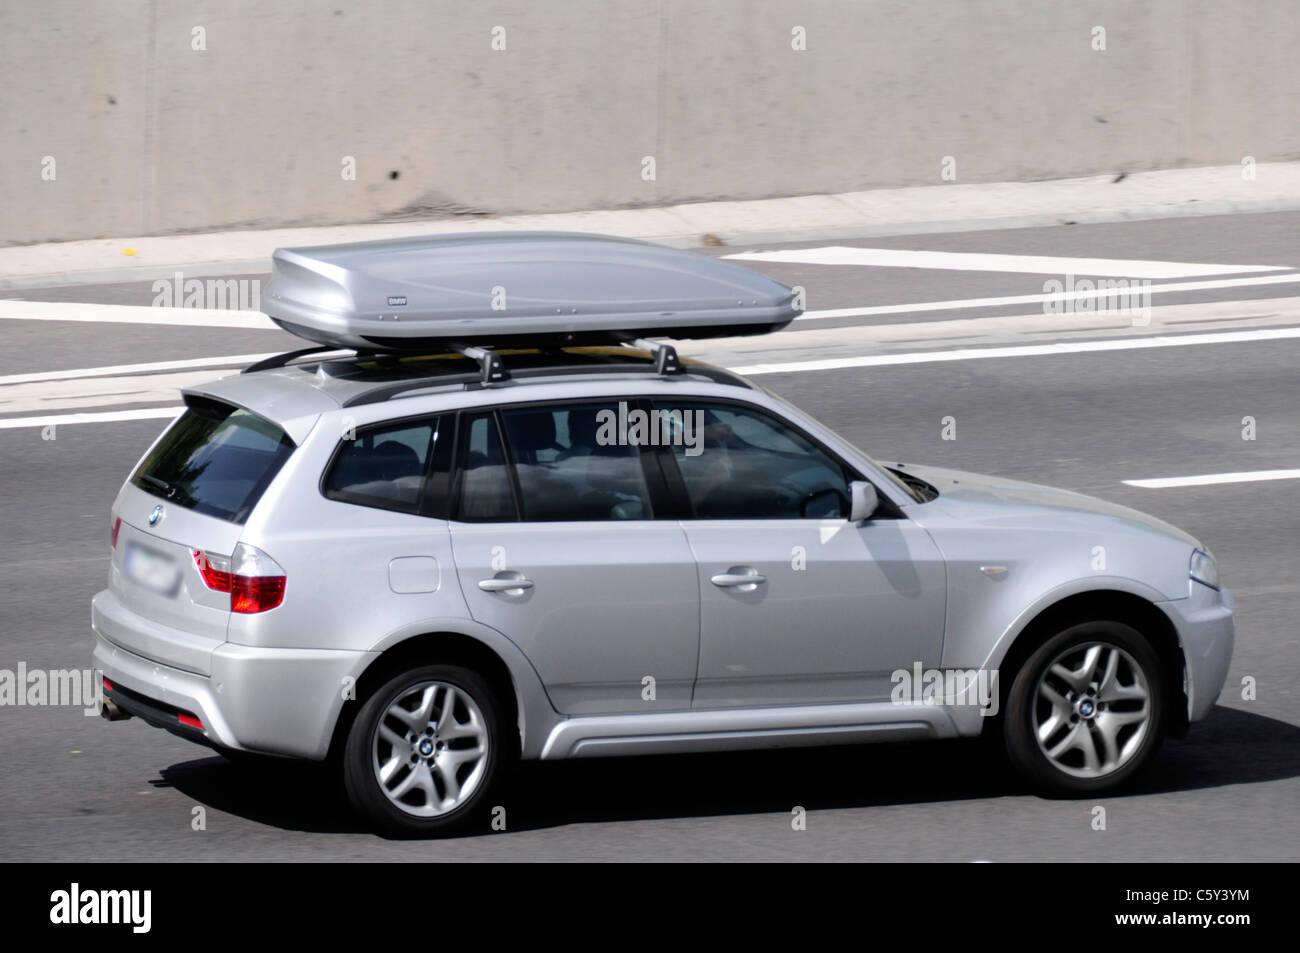 Bmw Car Stock Photos & Bmw Car Stock Images - Alamy